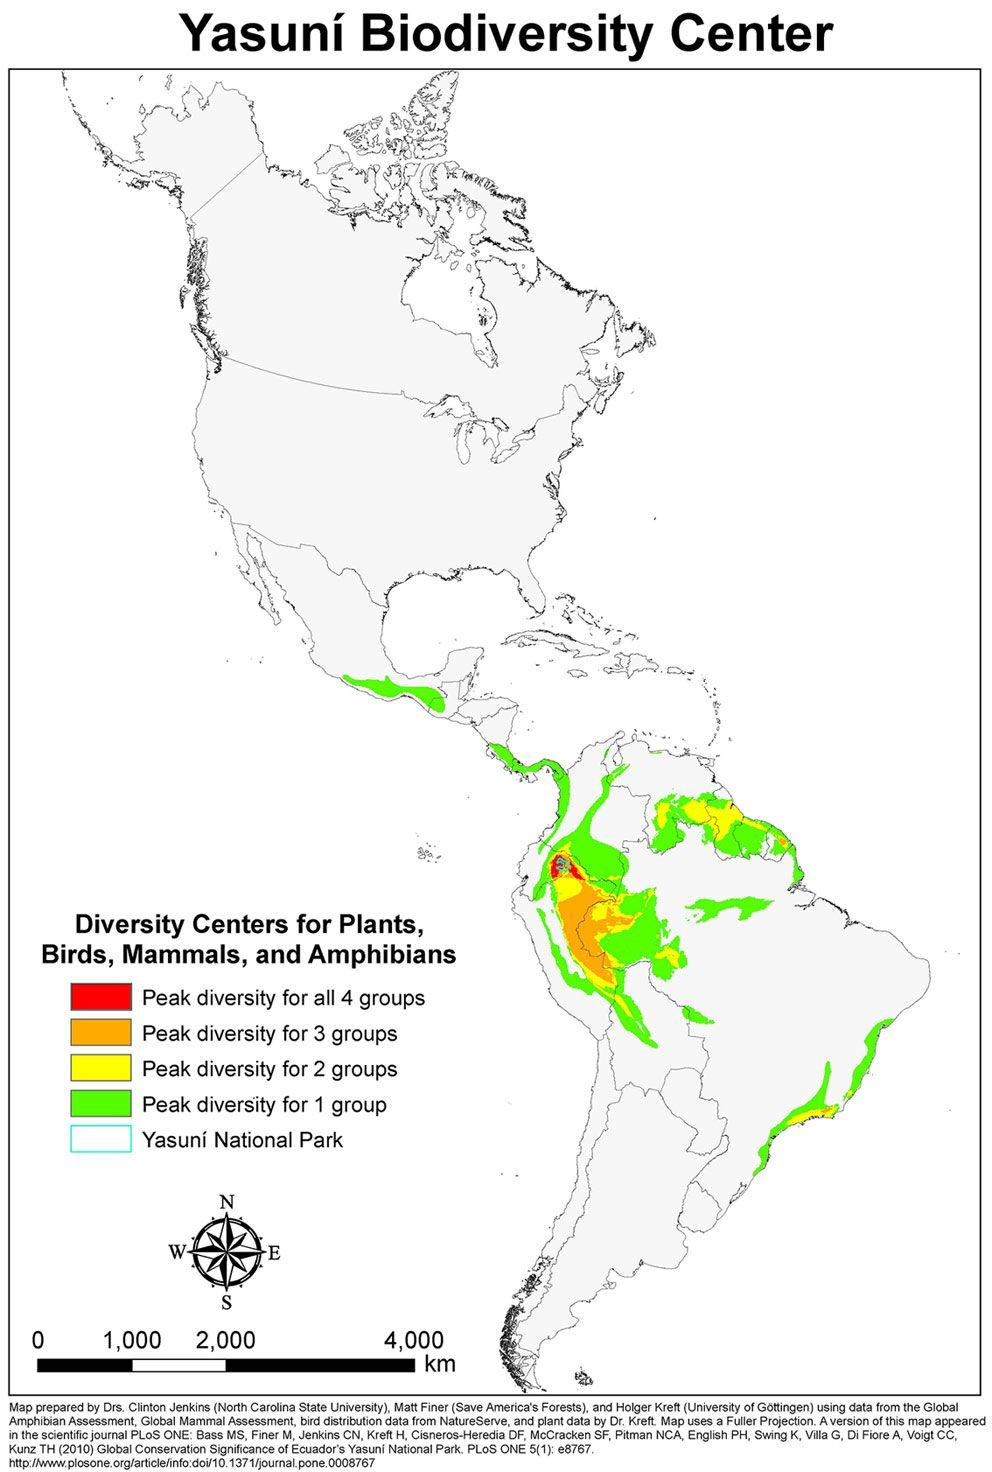 Yasuní Biodiversity Center